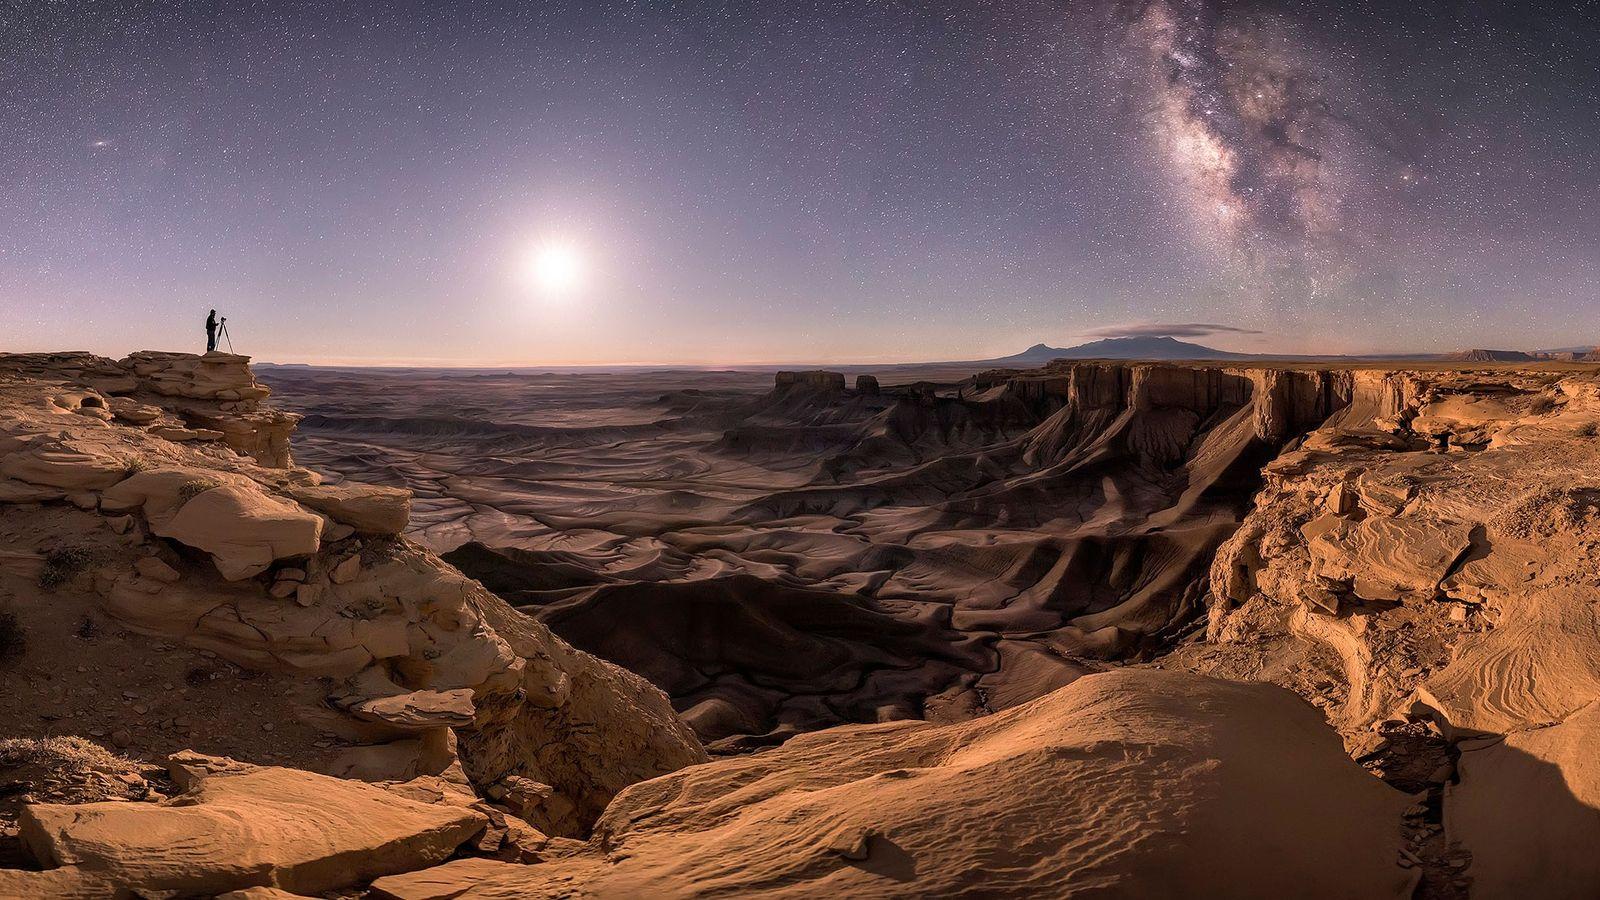 Un photographe solitaire installe son matériel à Moab, dans l'Utah, sa silhouette est tracée par le ...